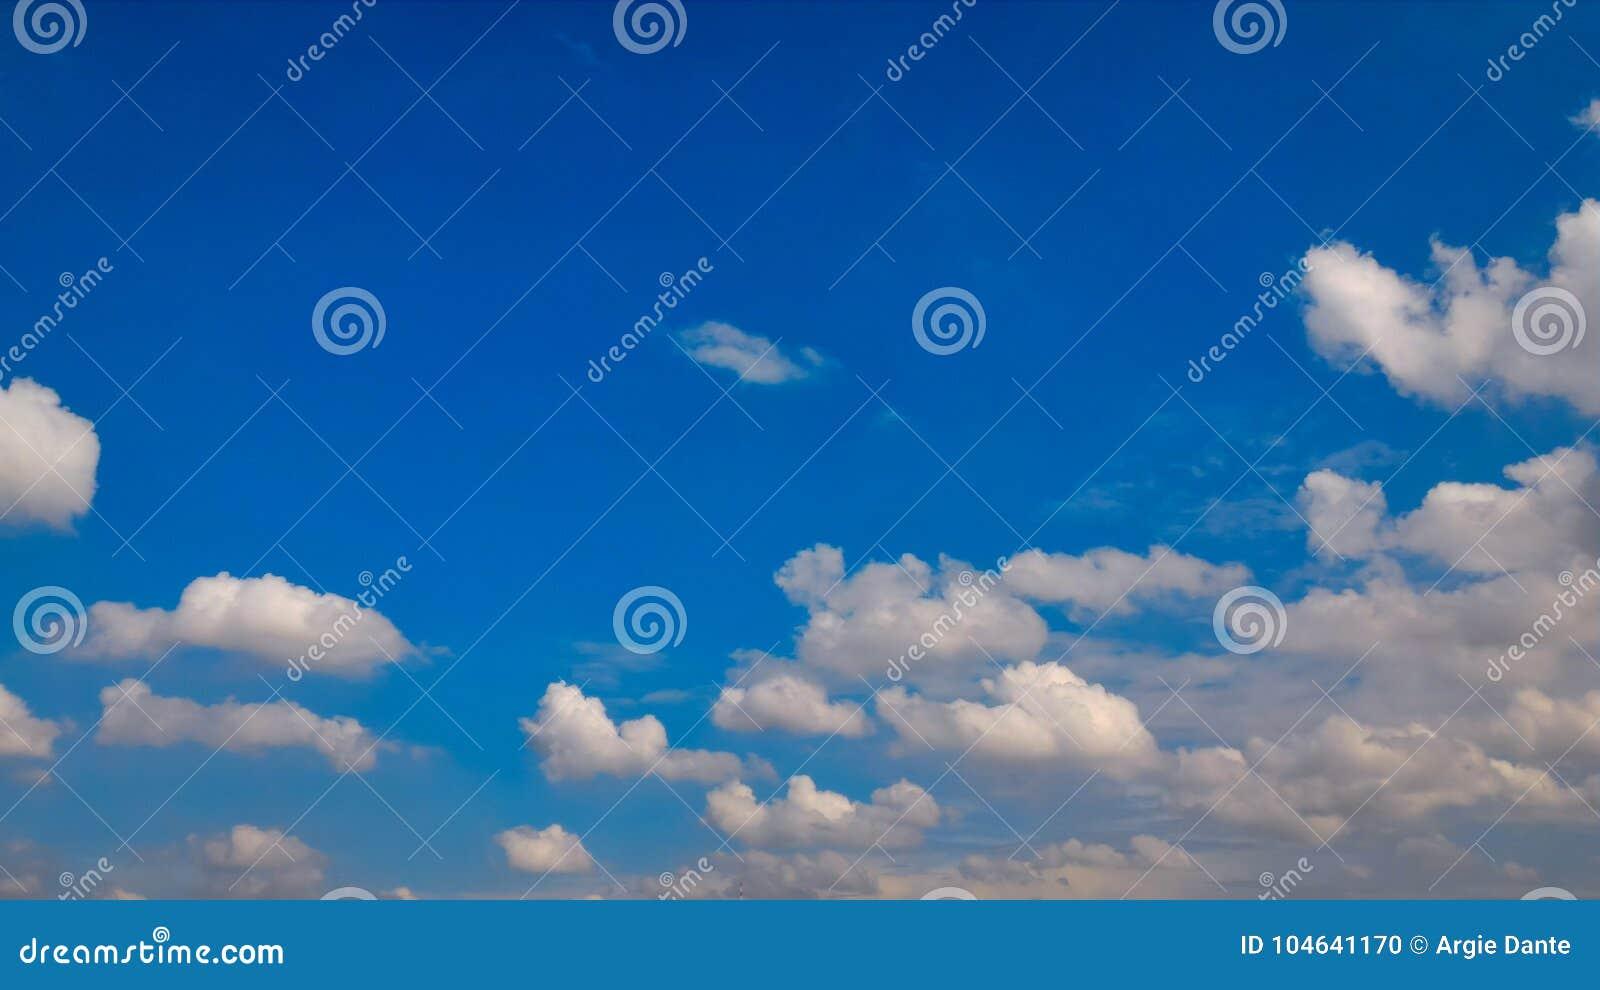 Download Duidelijke Blauwe Hemel Met Wolkenvormingen Stock Foto - Afbeelding bestaande uit hemel, nave: 104641170